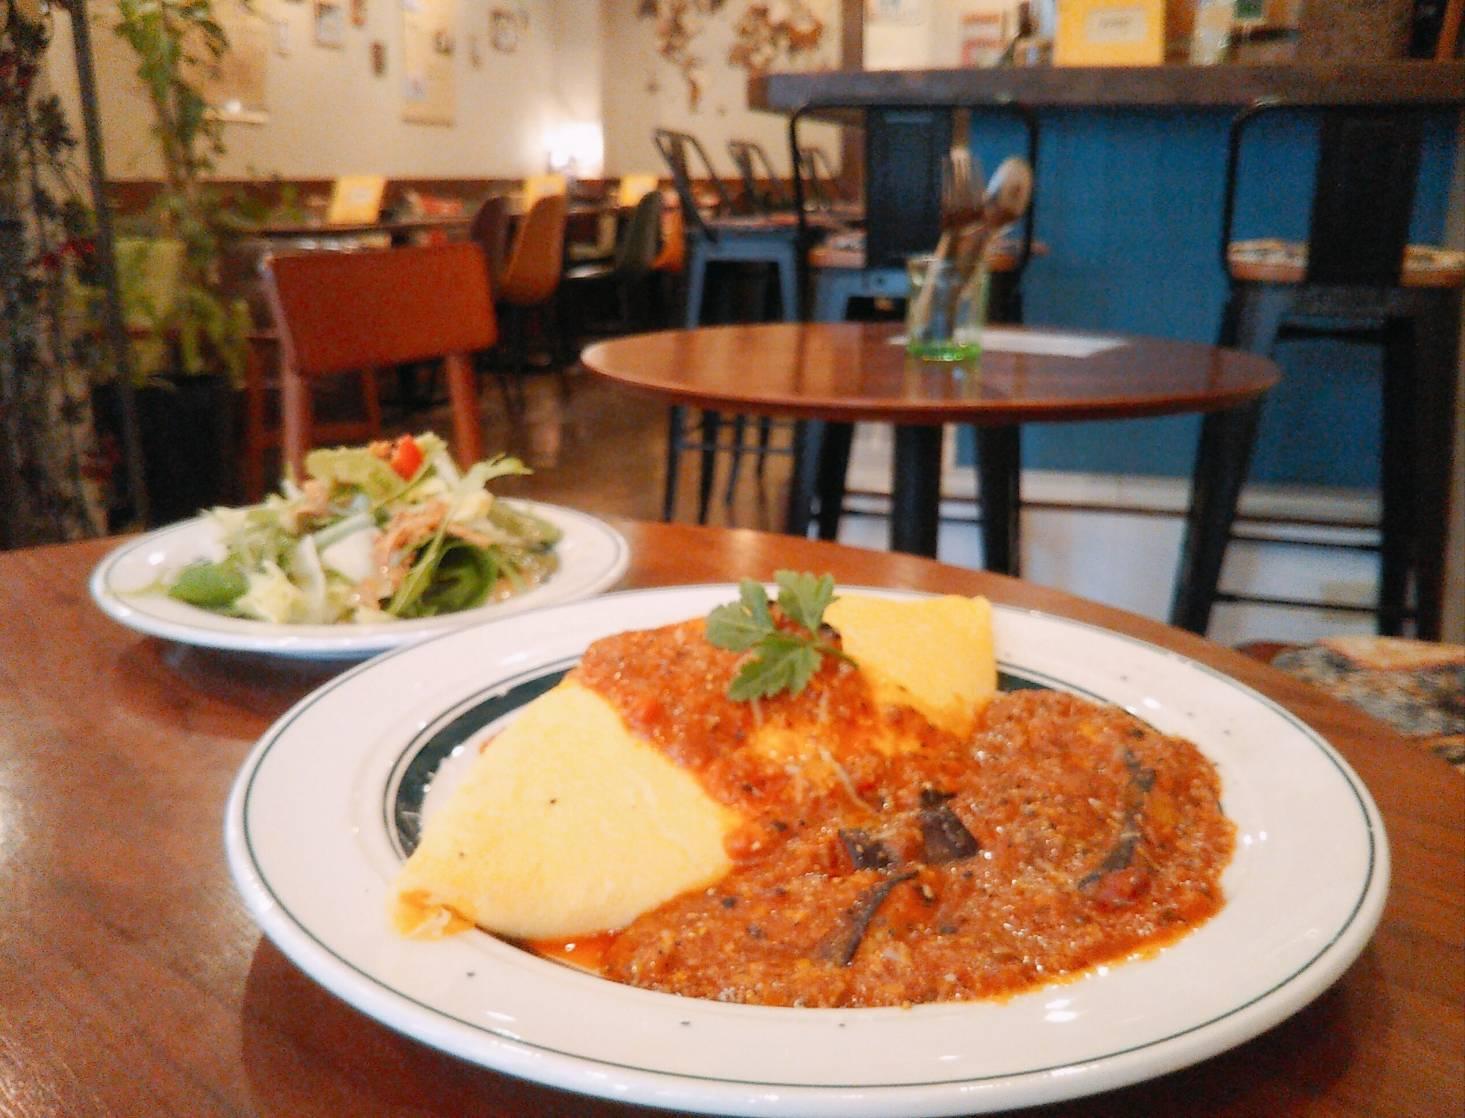 食のお店が軒を連ねる鯉川筋に オムライス&チーズケーキのお店『pagot 山側店』